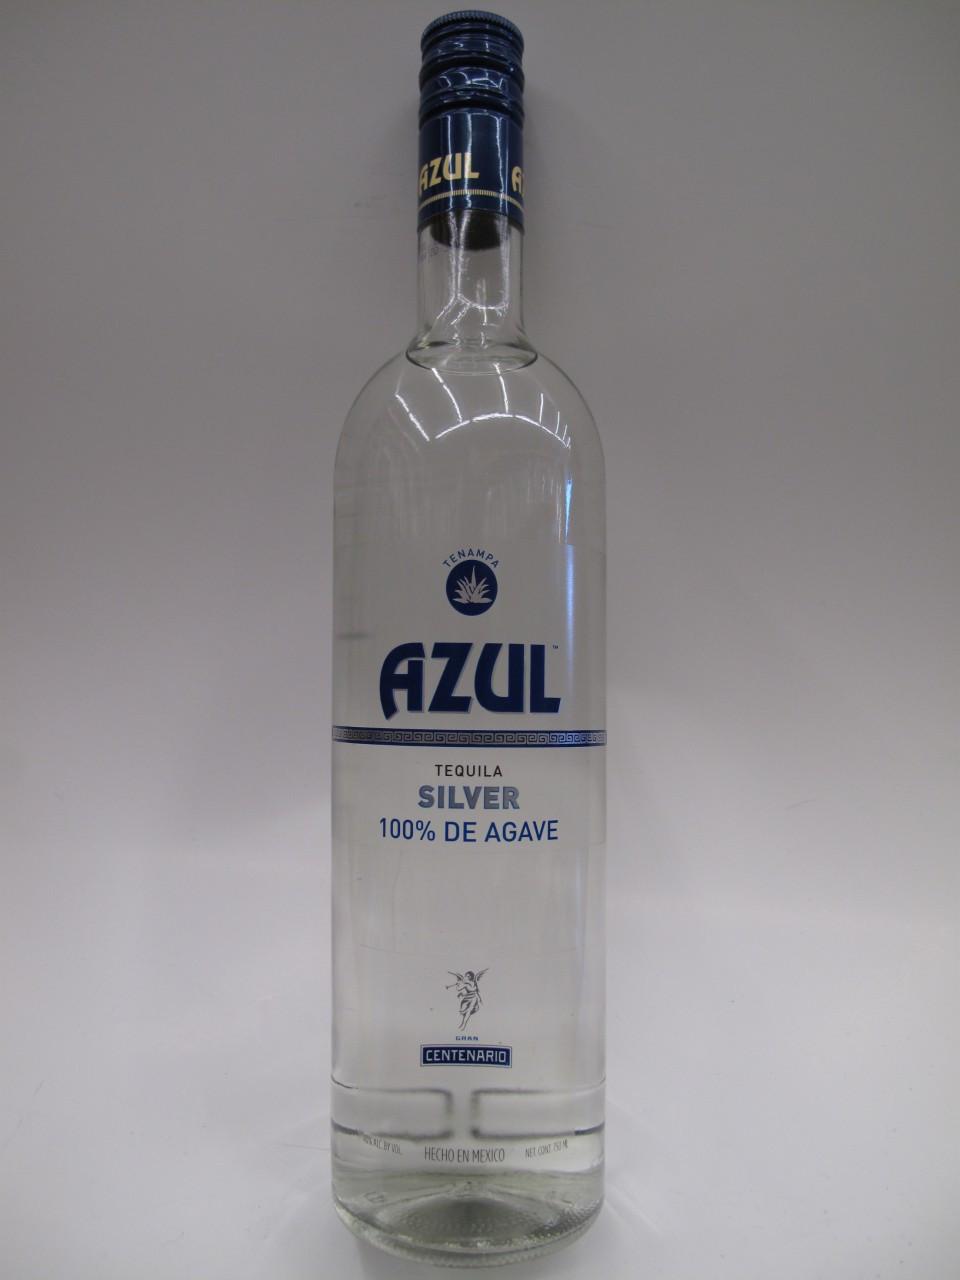 Azul Silver Centenario